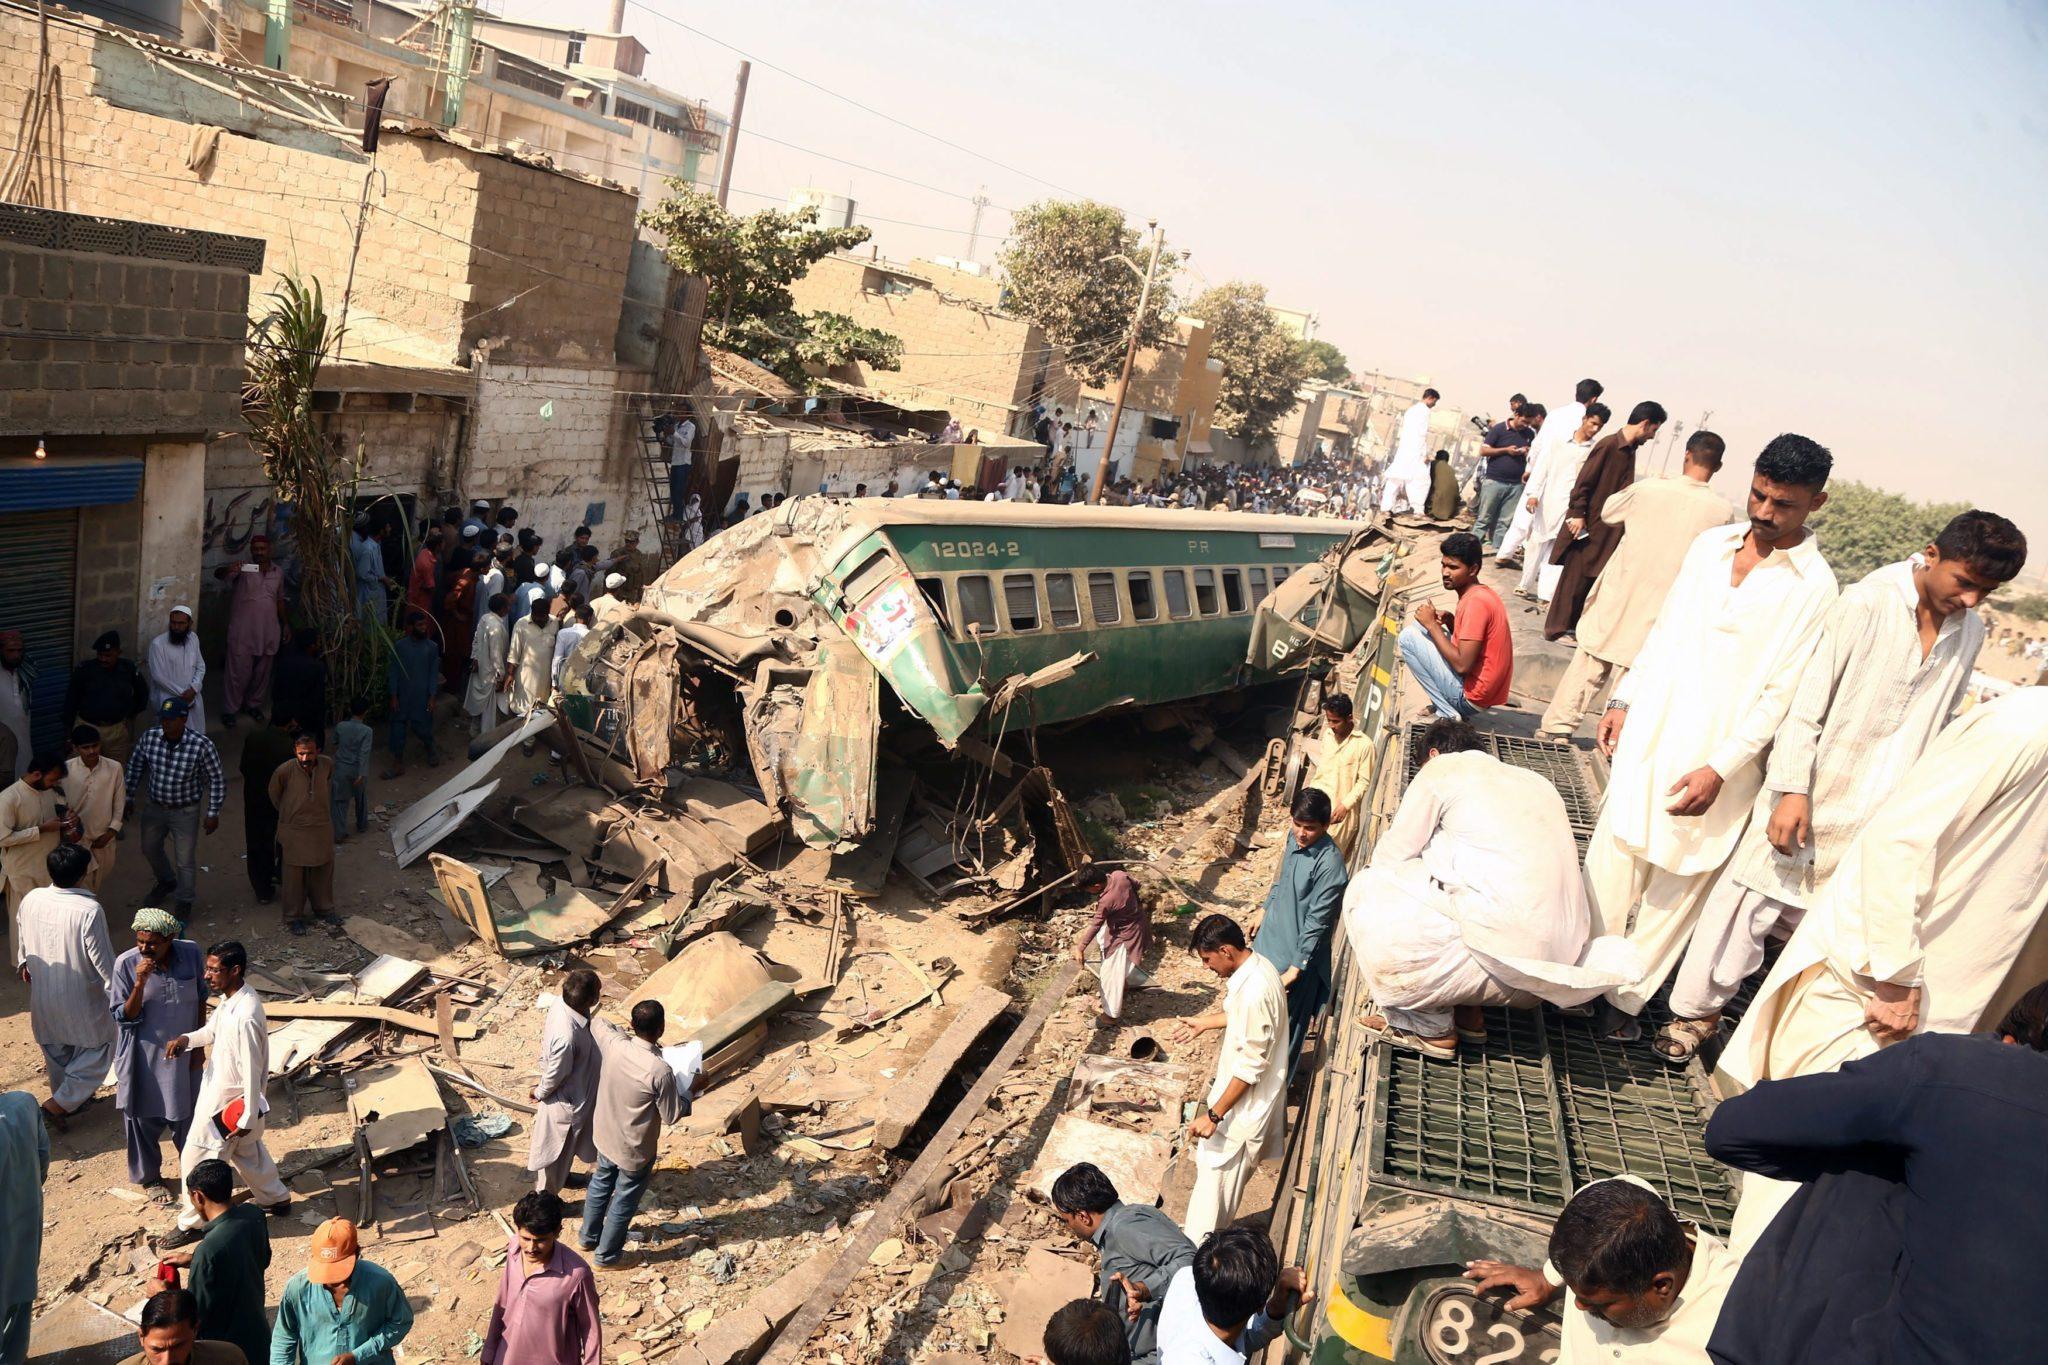 Wypadek pociągu w Karachi w Pakistanie. Przynajmniej 17 pasażerów nie żyje, 50 jest rannych. Fot.  EPA/REHAN KHAN